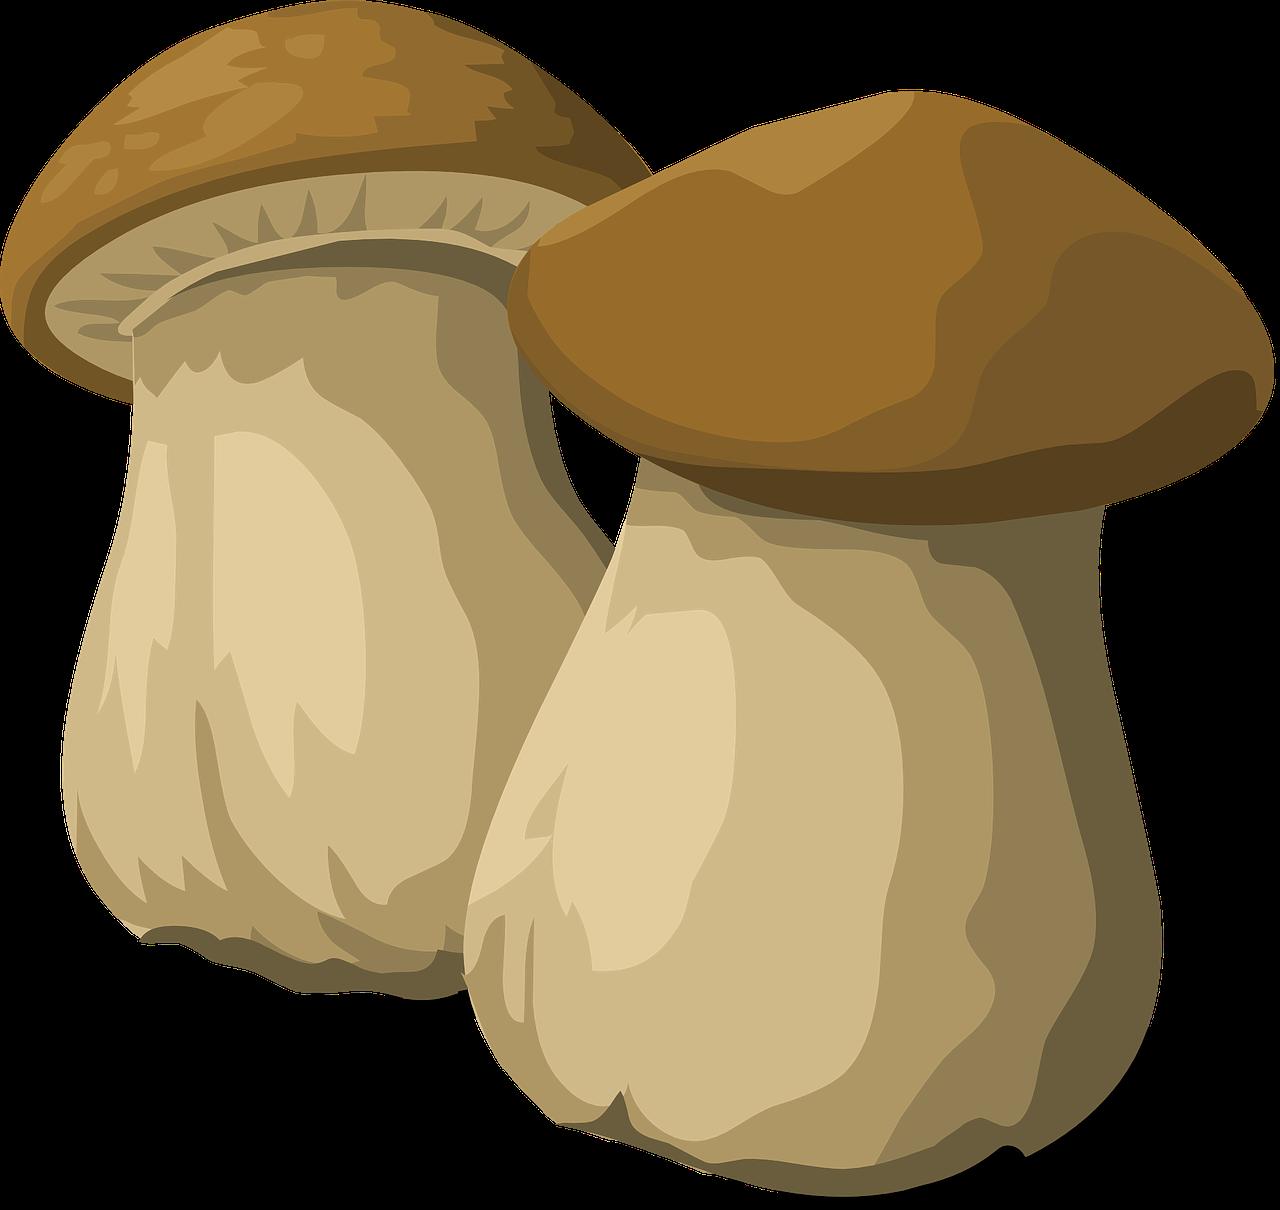 Icona Funghi Porcini